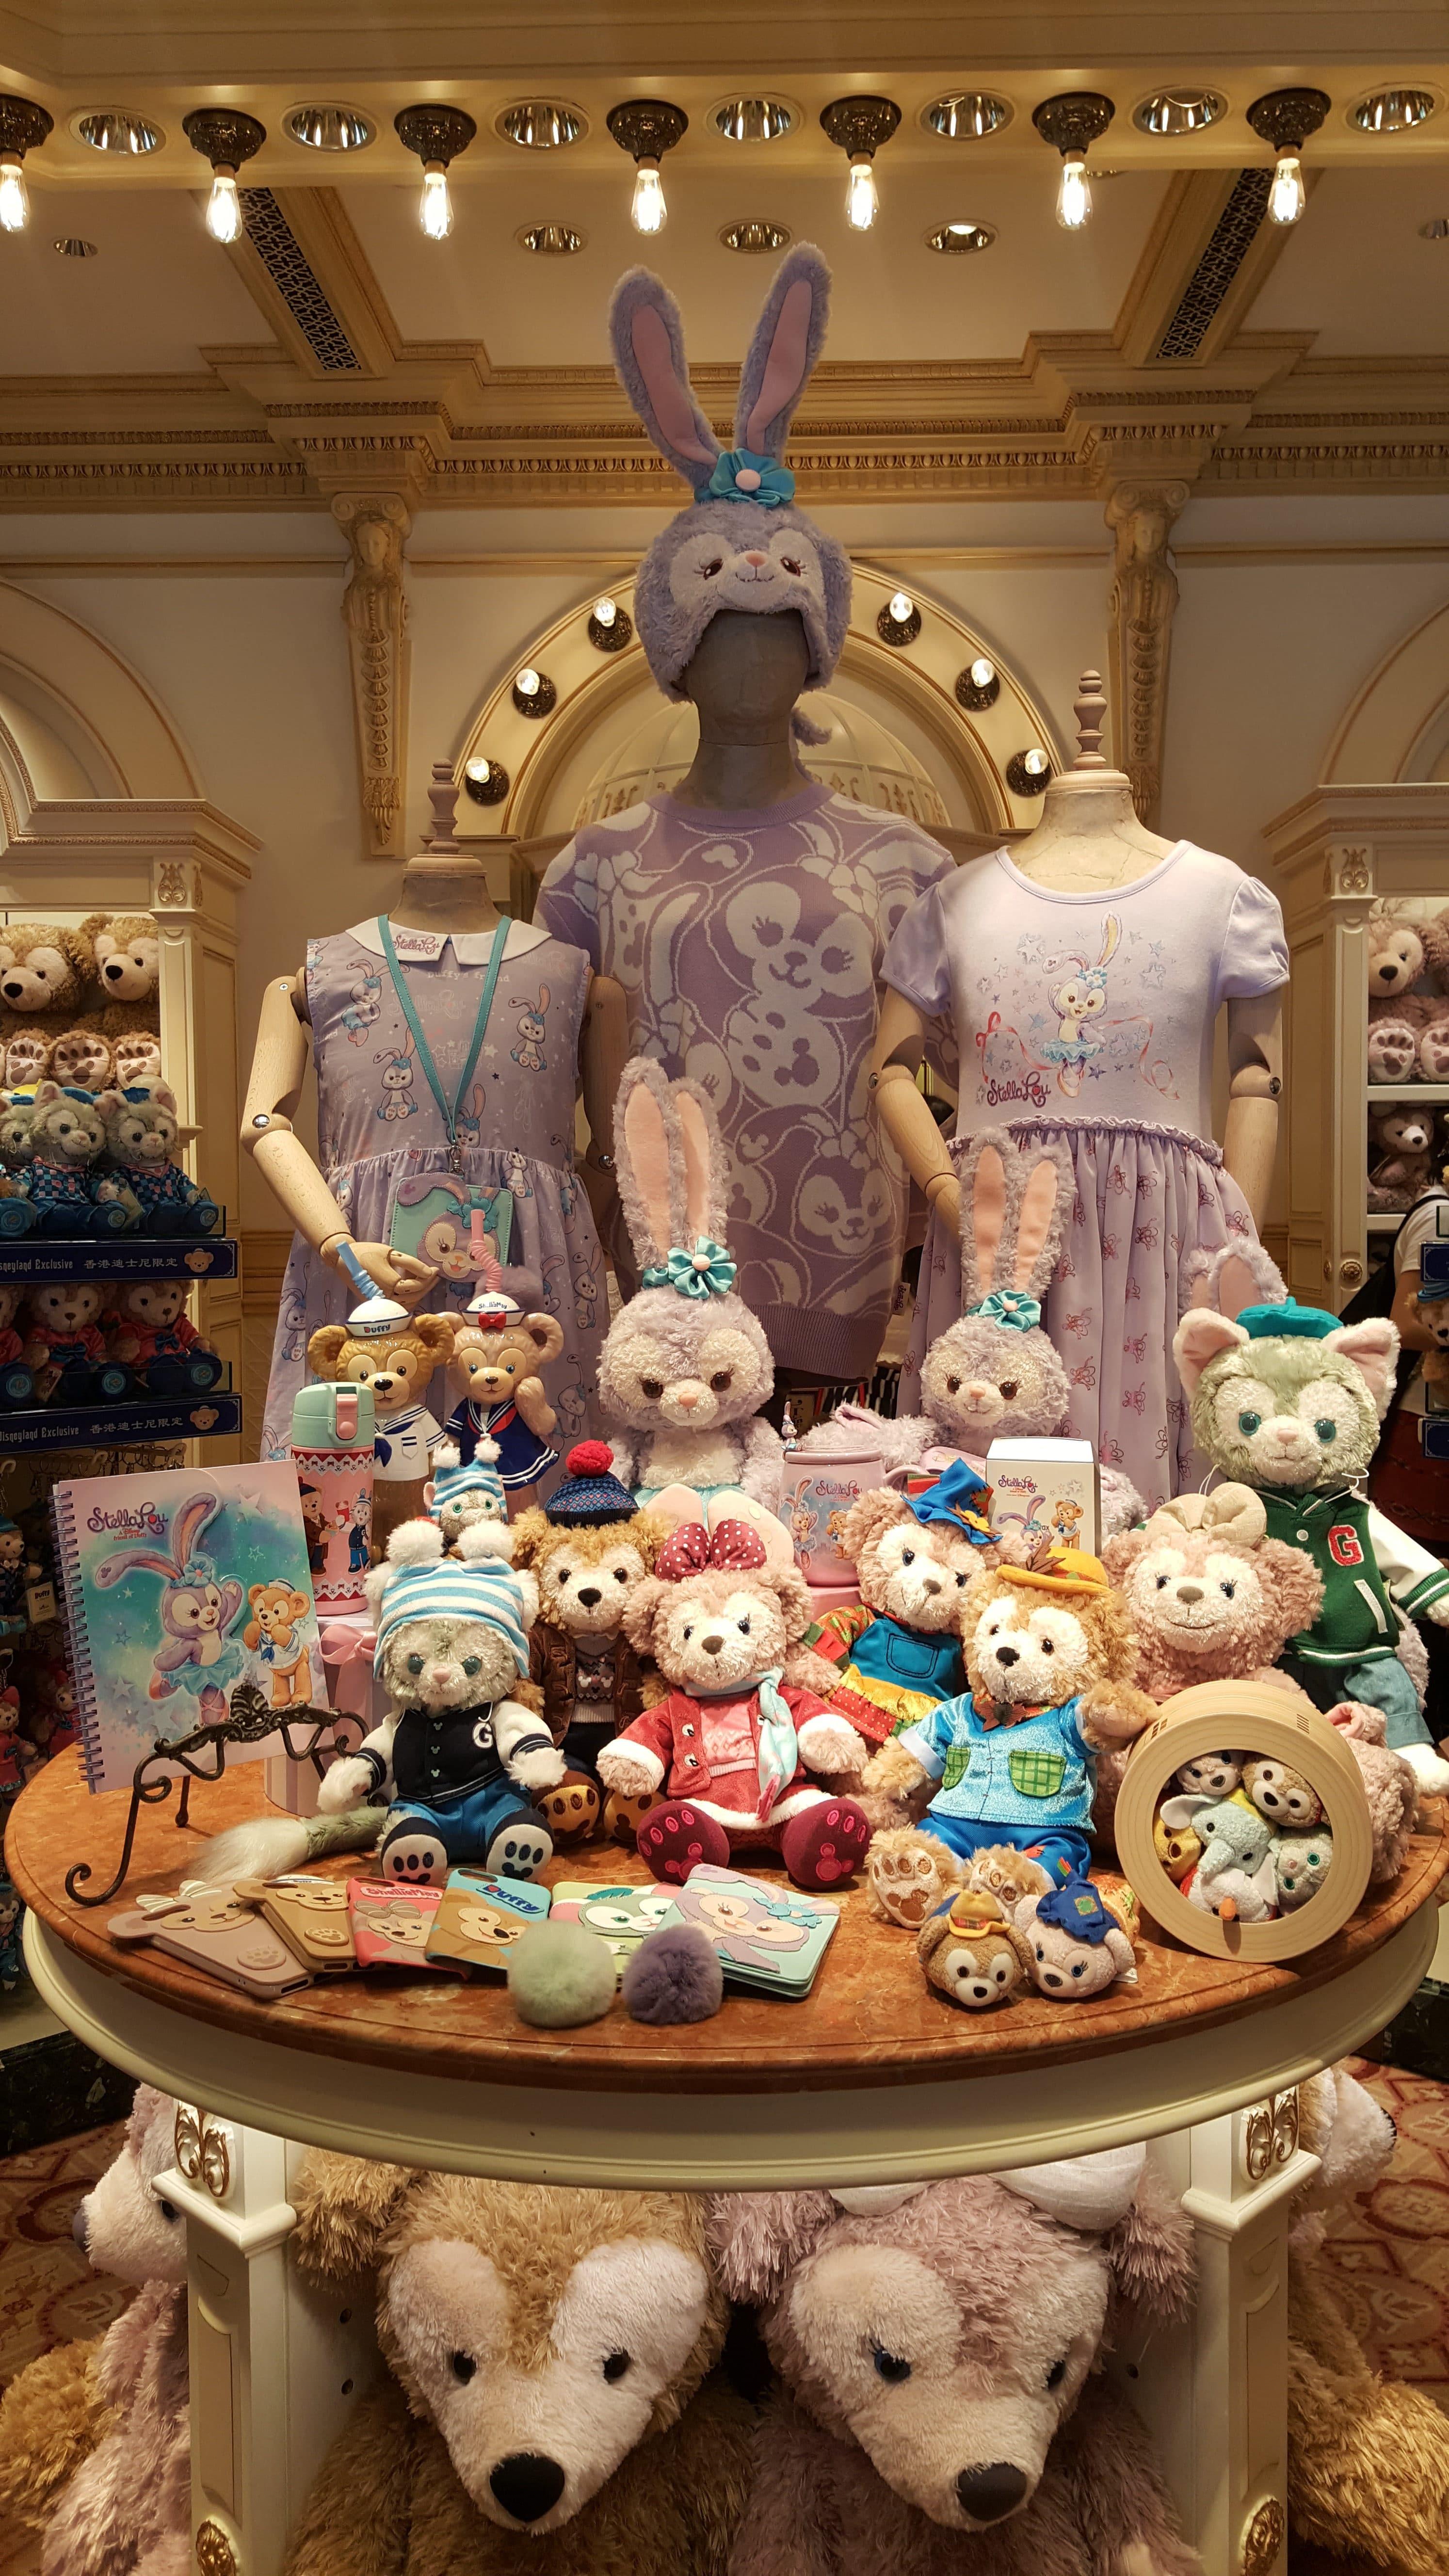 Hong Kong Disneyland Welcomes StellaLou Travel To The Magic